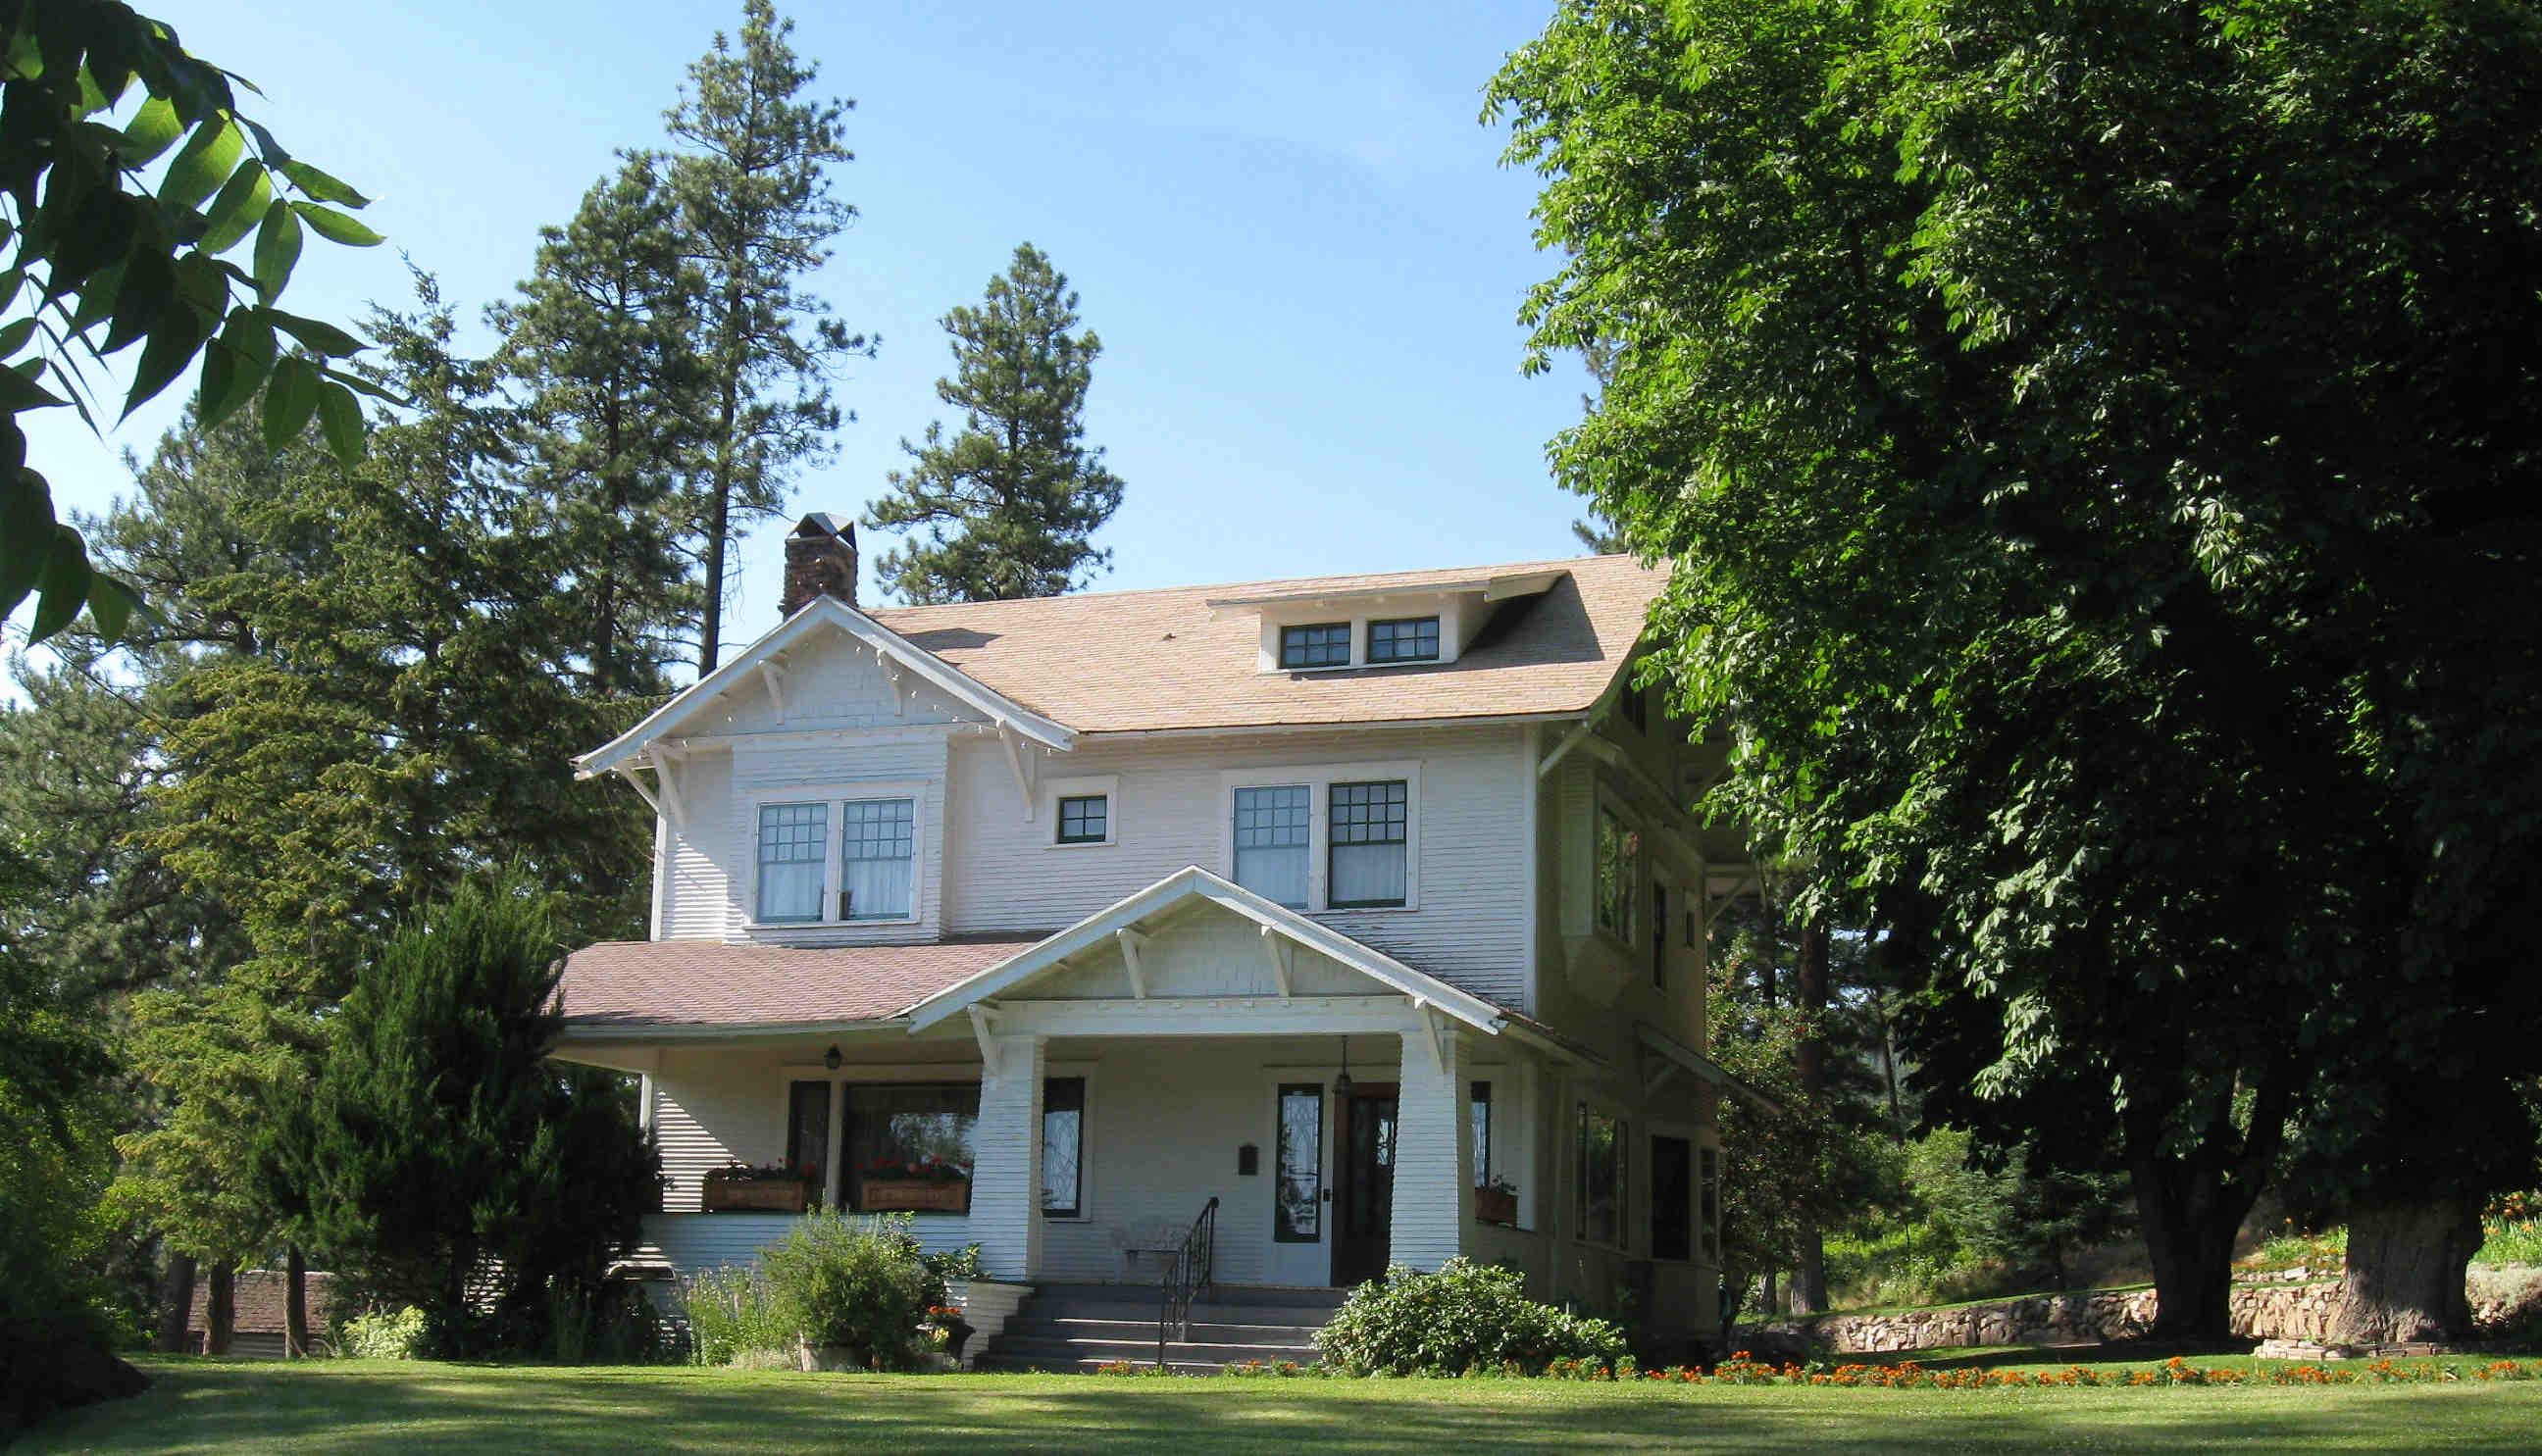 1910 Keller House